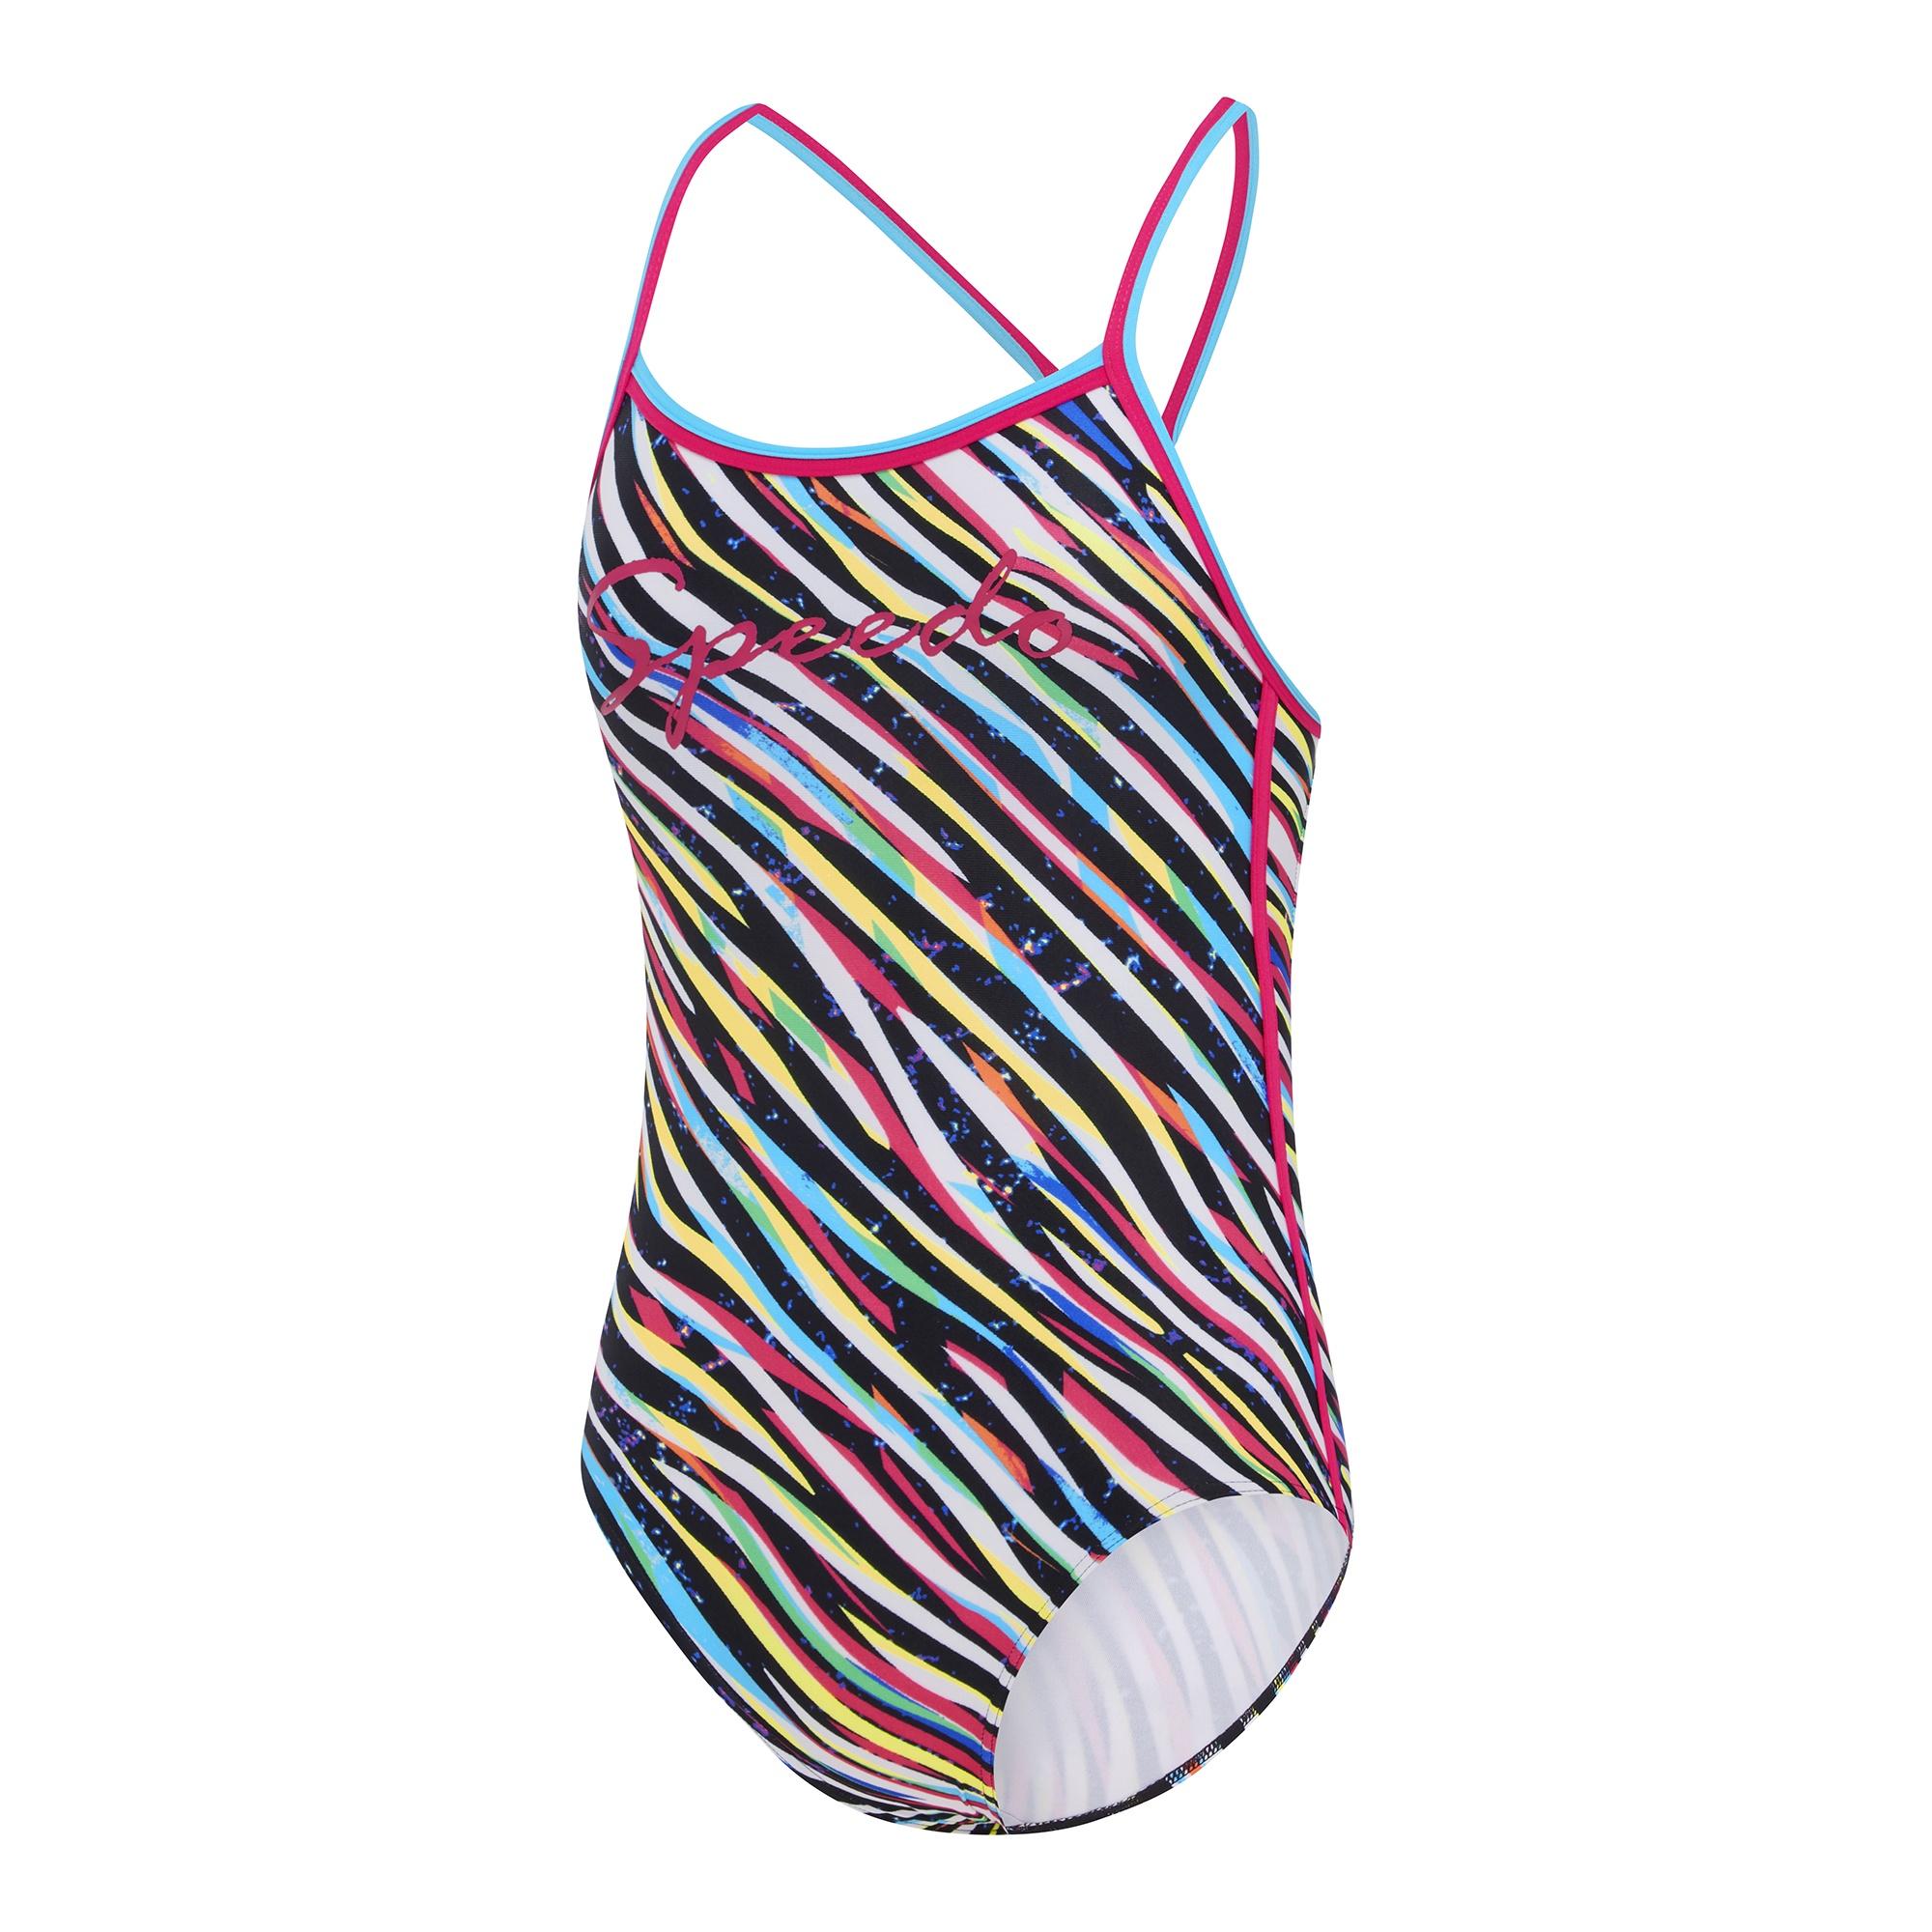 bfacbe3882dbc Girls Zebra Streak Sierra One Piece - SQ Swim Shop